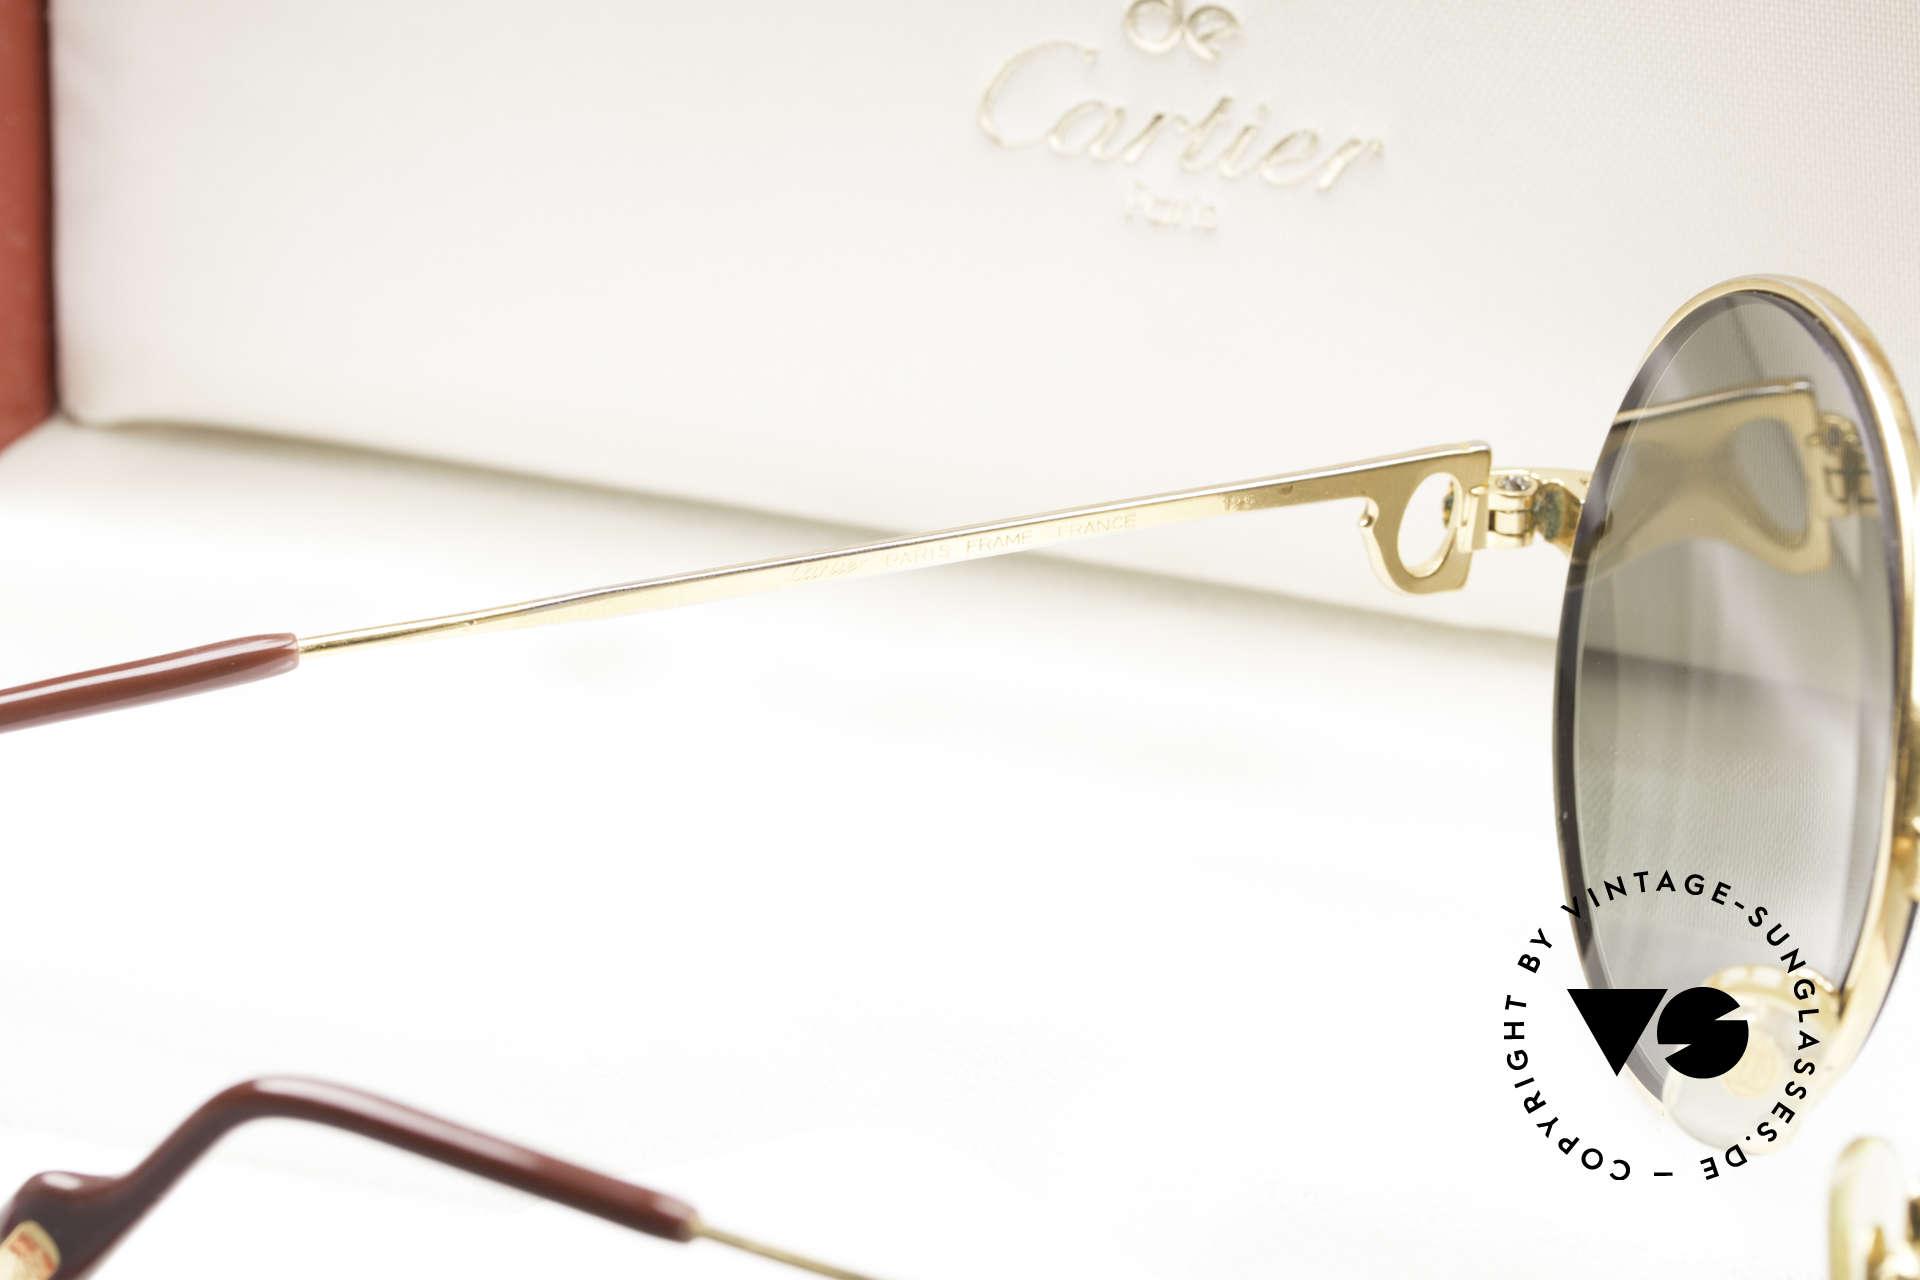 Cartier Round Customized Kundenindividuelle Fertigung, Größe: small, Passend für Herren und Damen